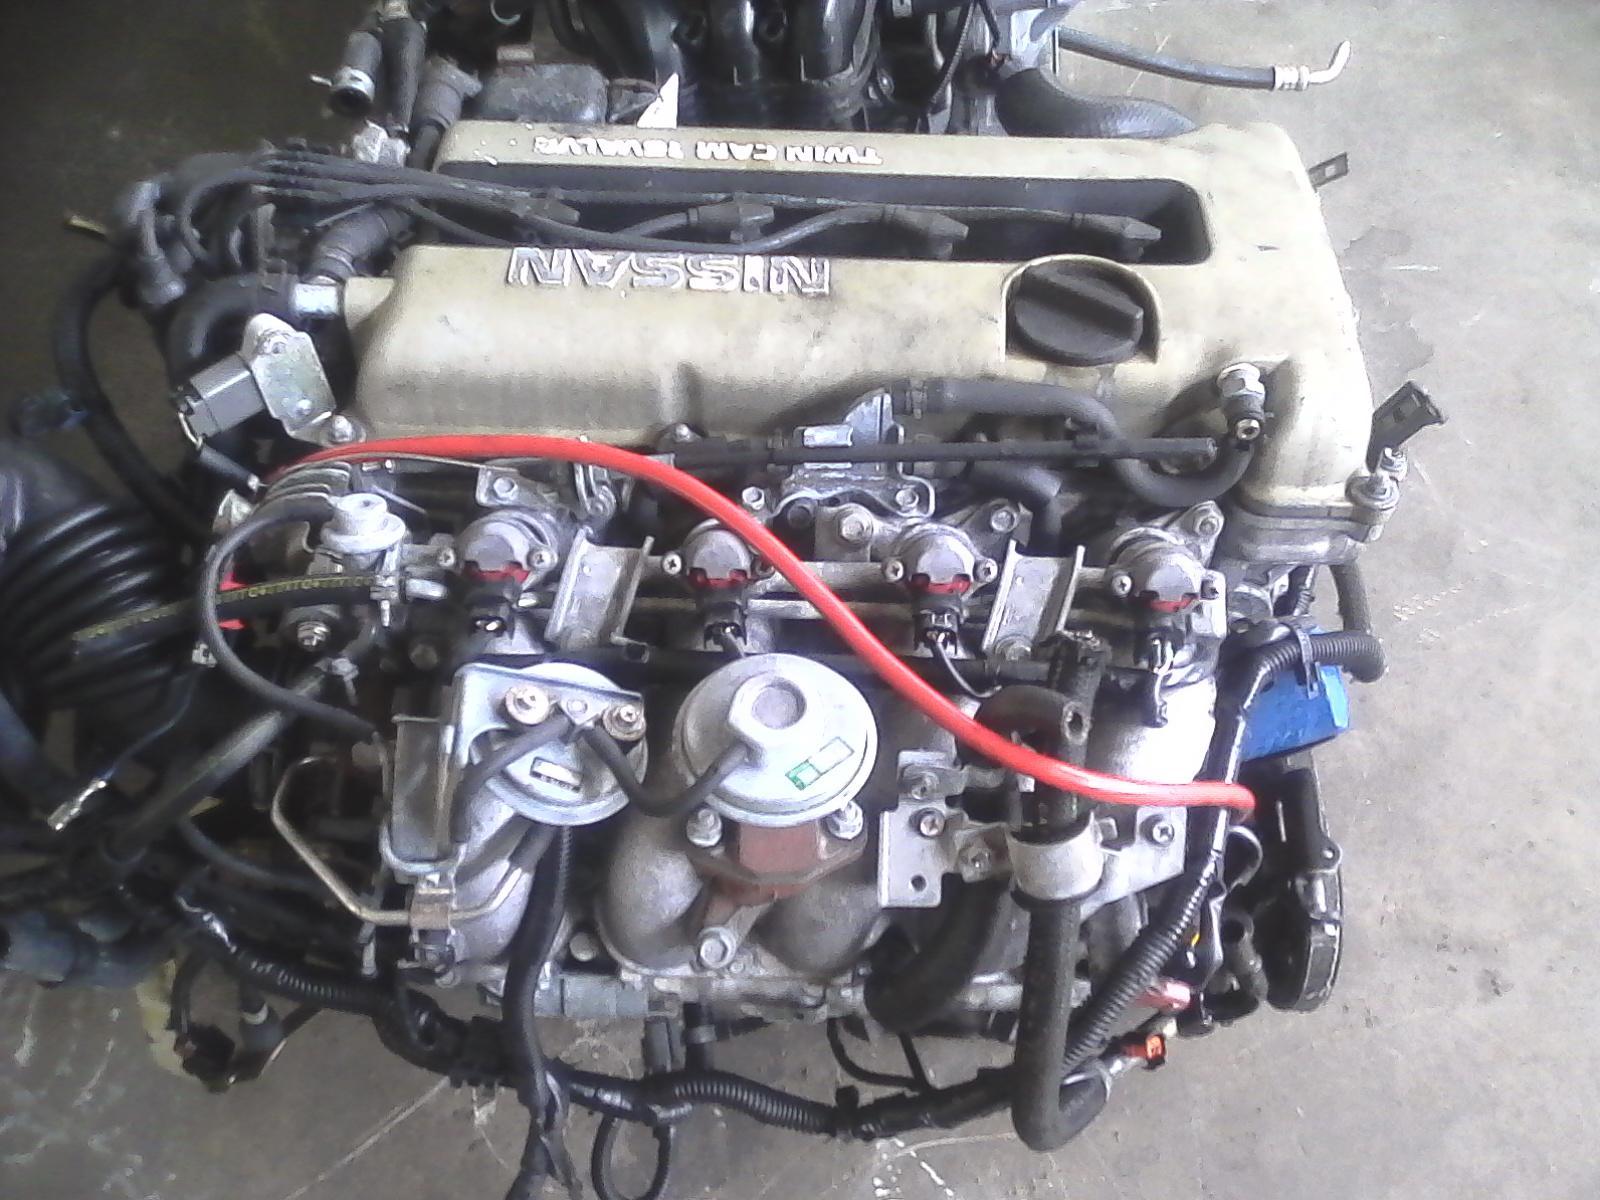 Nissan Sentra 2.0 SR20DE Engine for Sale | Johannesburg ...